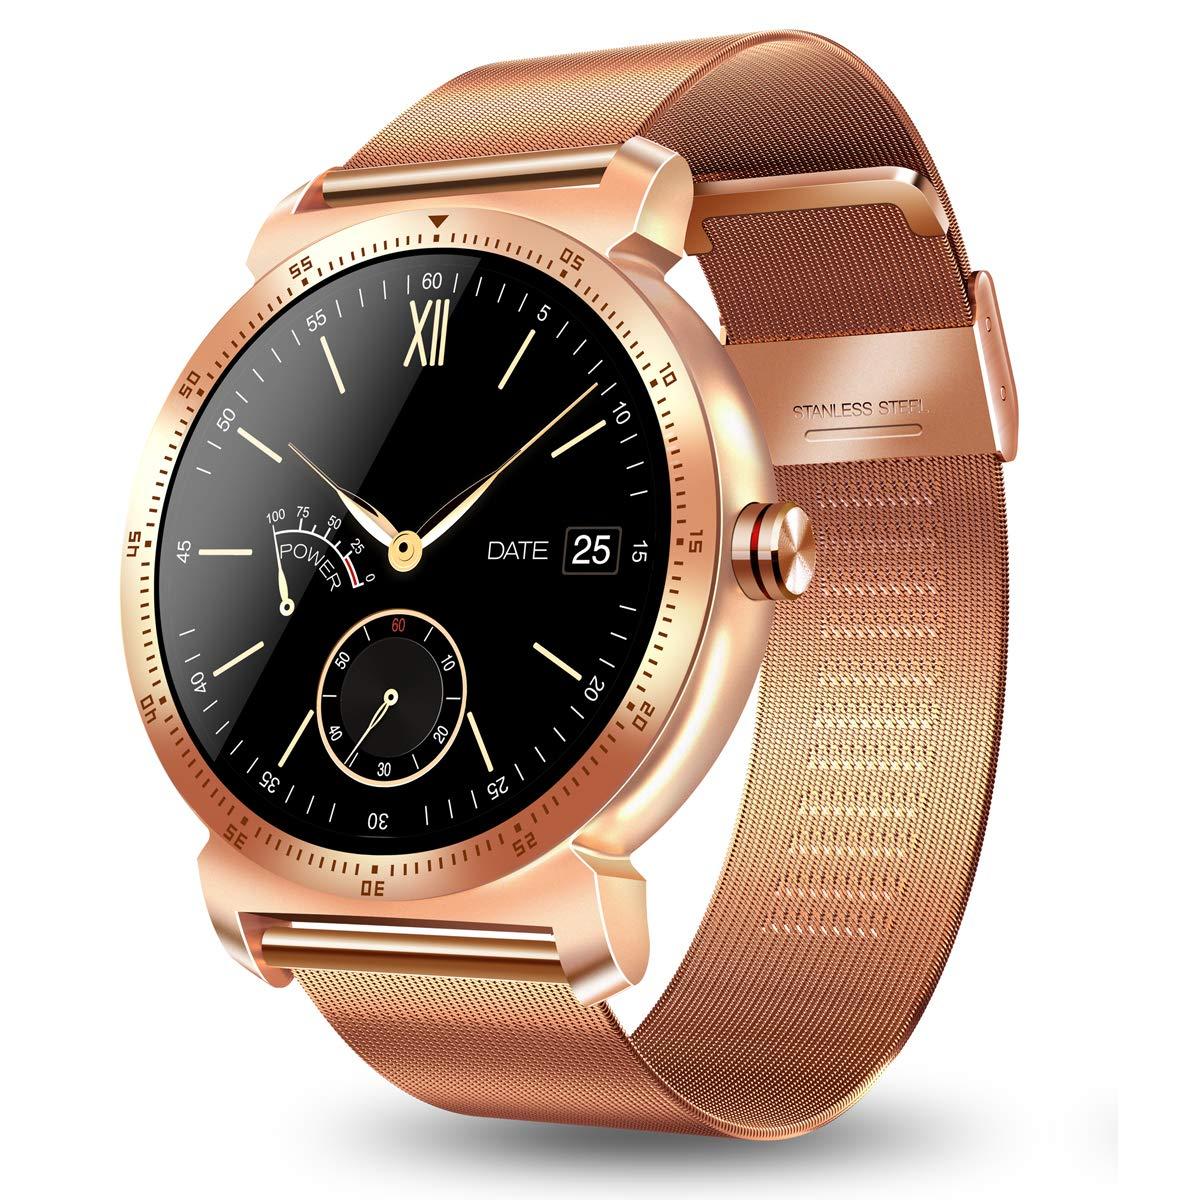 DIGGRO DX01 – Smartwatch mit Herzfrequenz Sensor